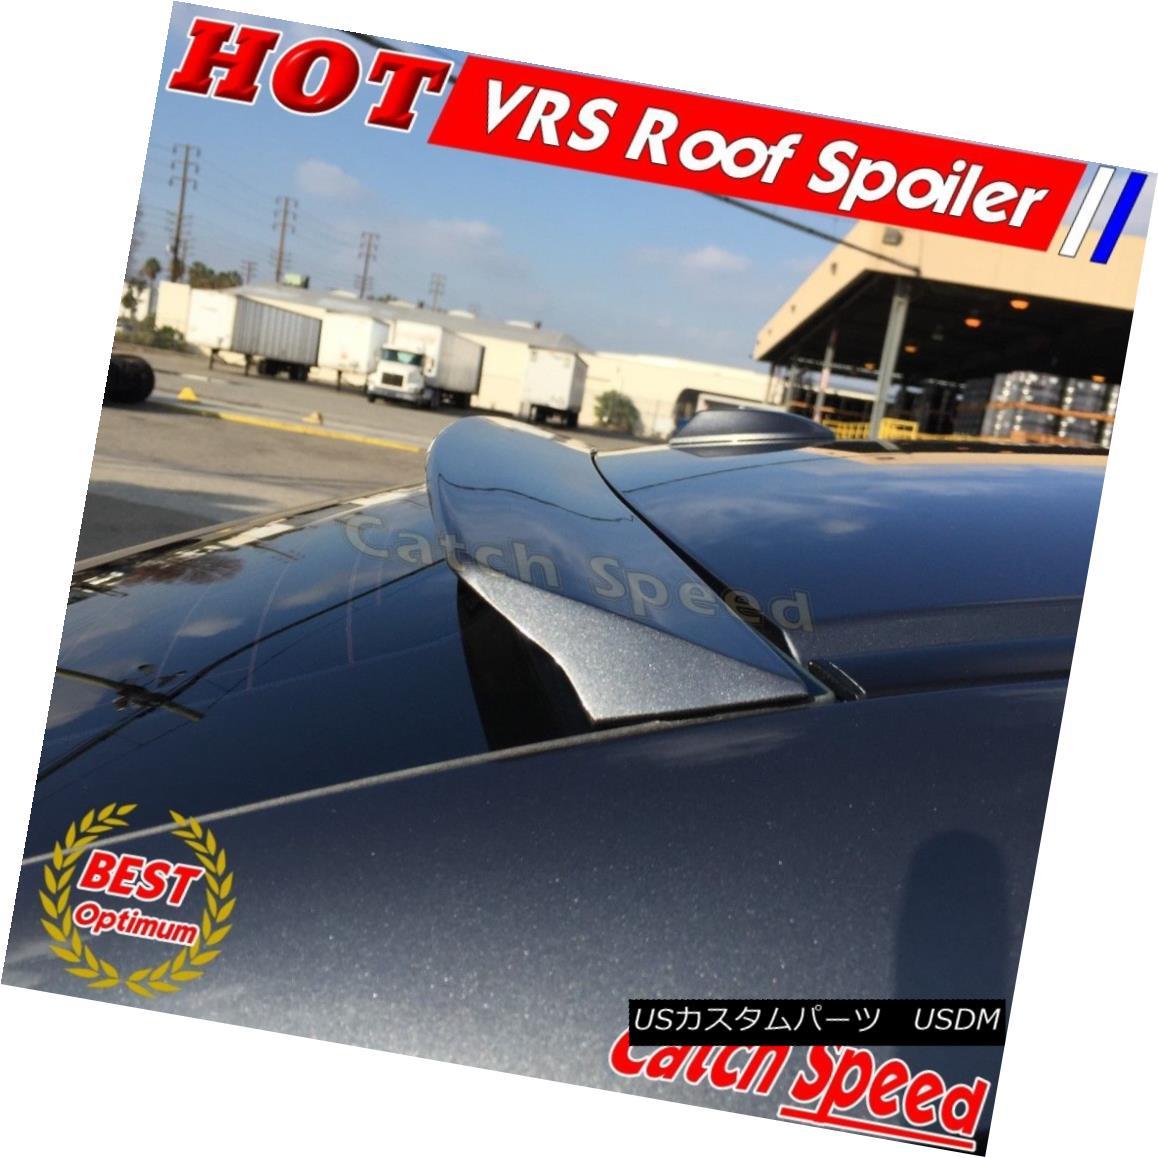 エアロパーツ Painted VRS Type Rear Window Roof Spoiler For Honda City GM6 2014~16 Sedan ホンダシティーGM6 2014?16セダン用VRSタイプリアウインドルーフスポイラー